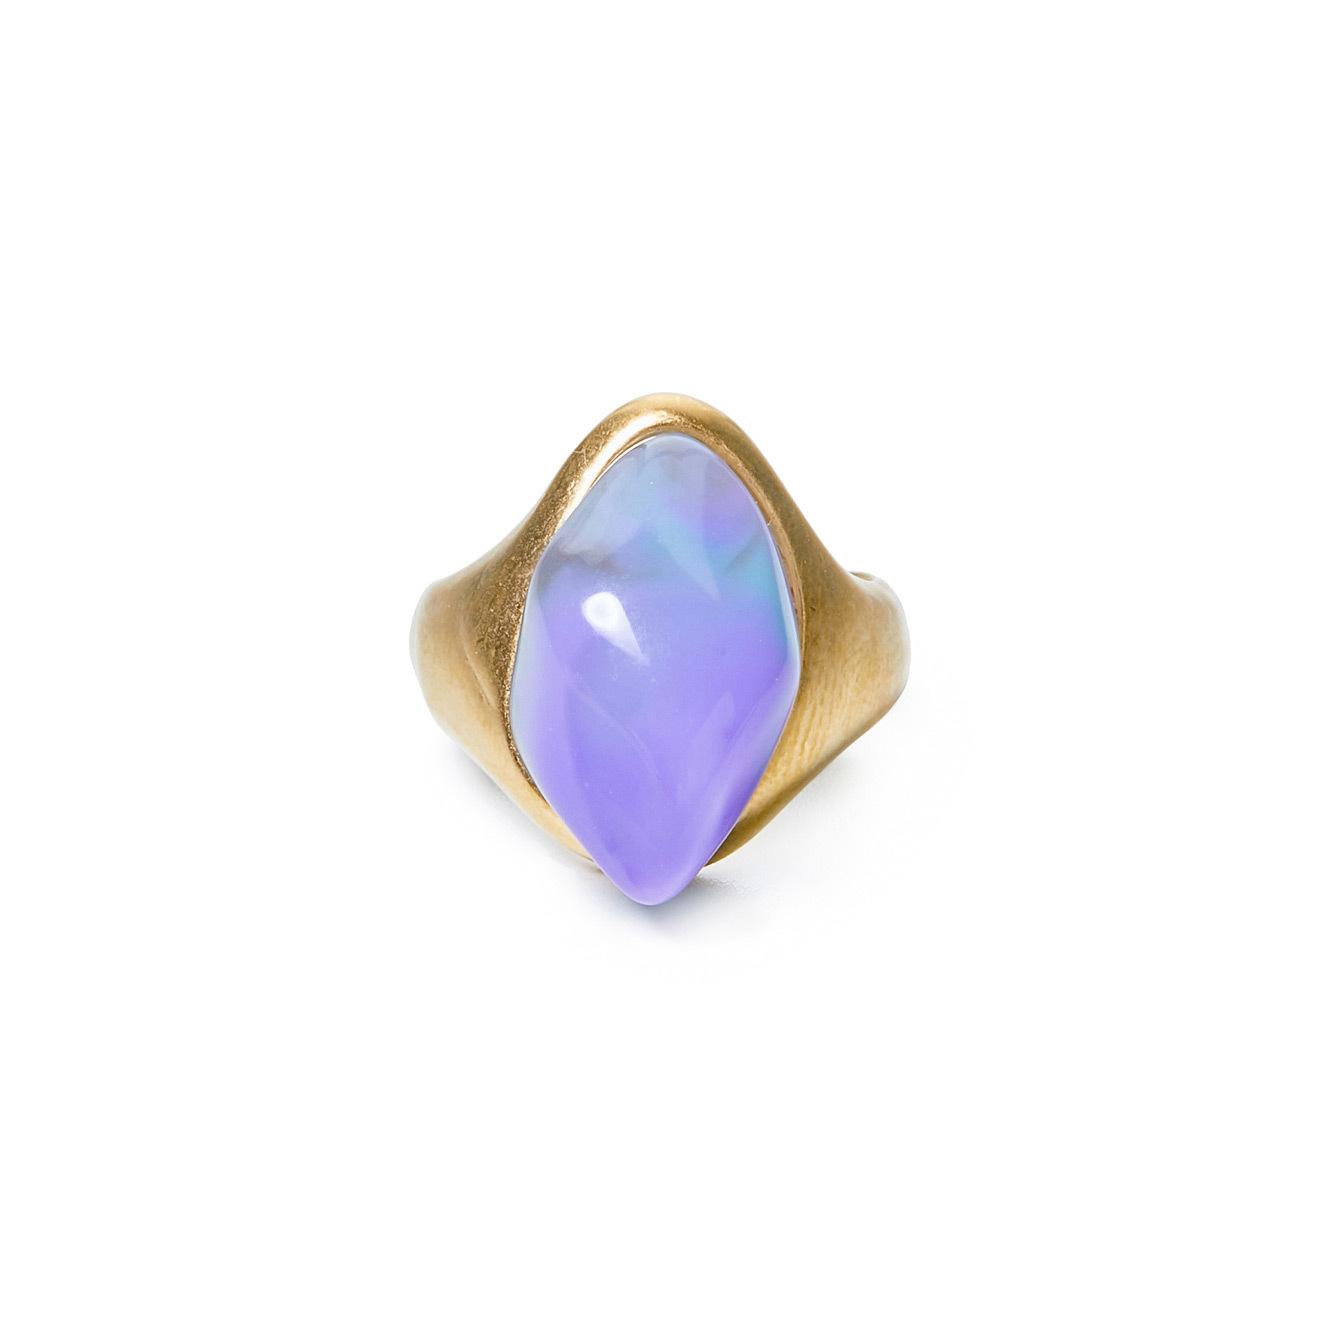 Herald Percy Золотистое кольцо с сиреневым камнем